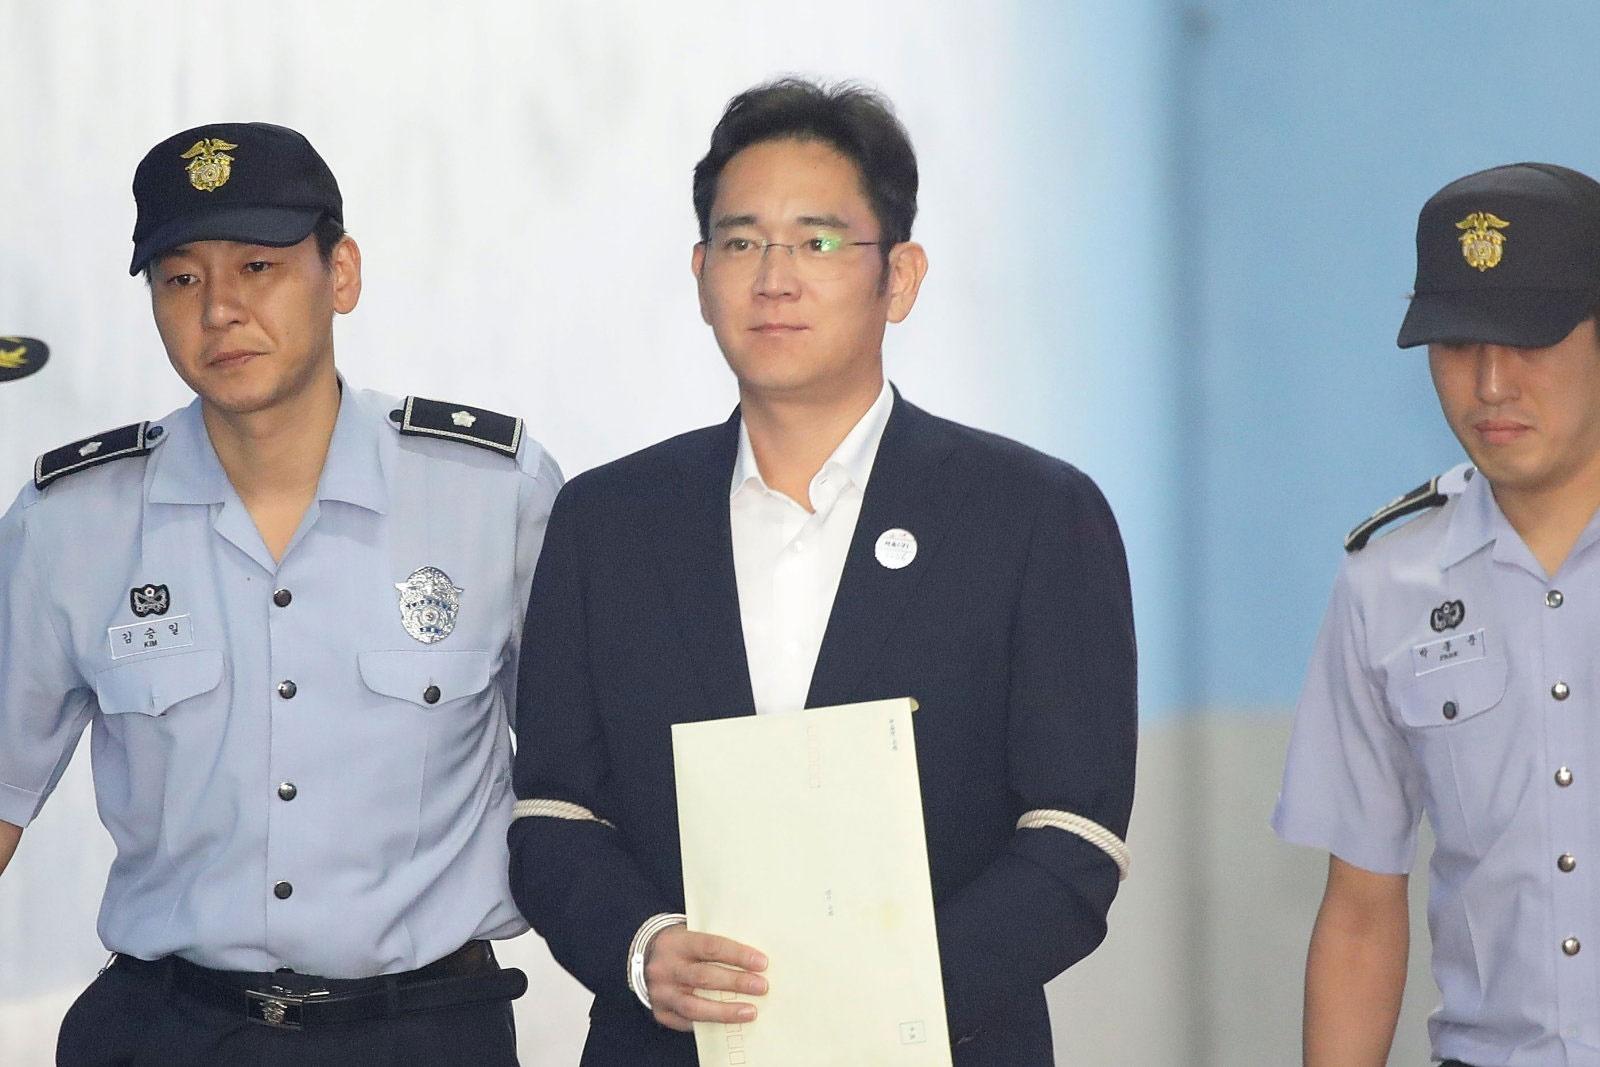 ۵ سال زندان برای رئیس سامسونگ